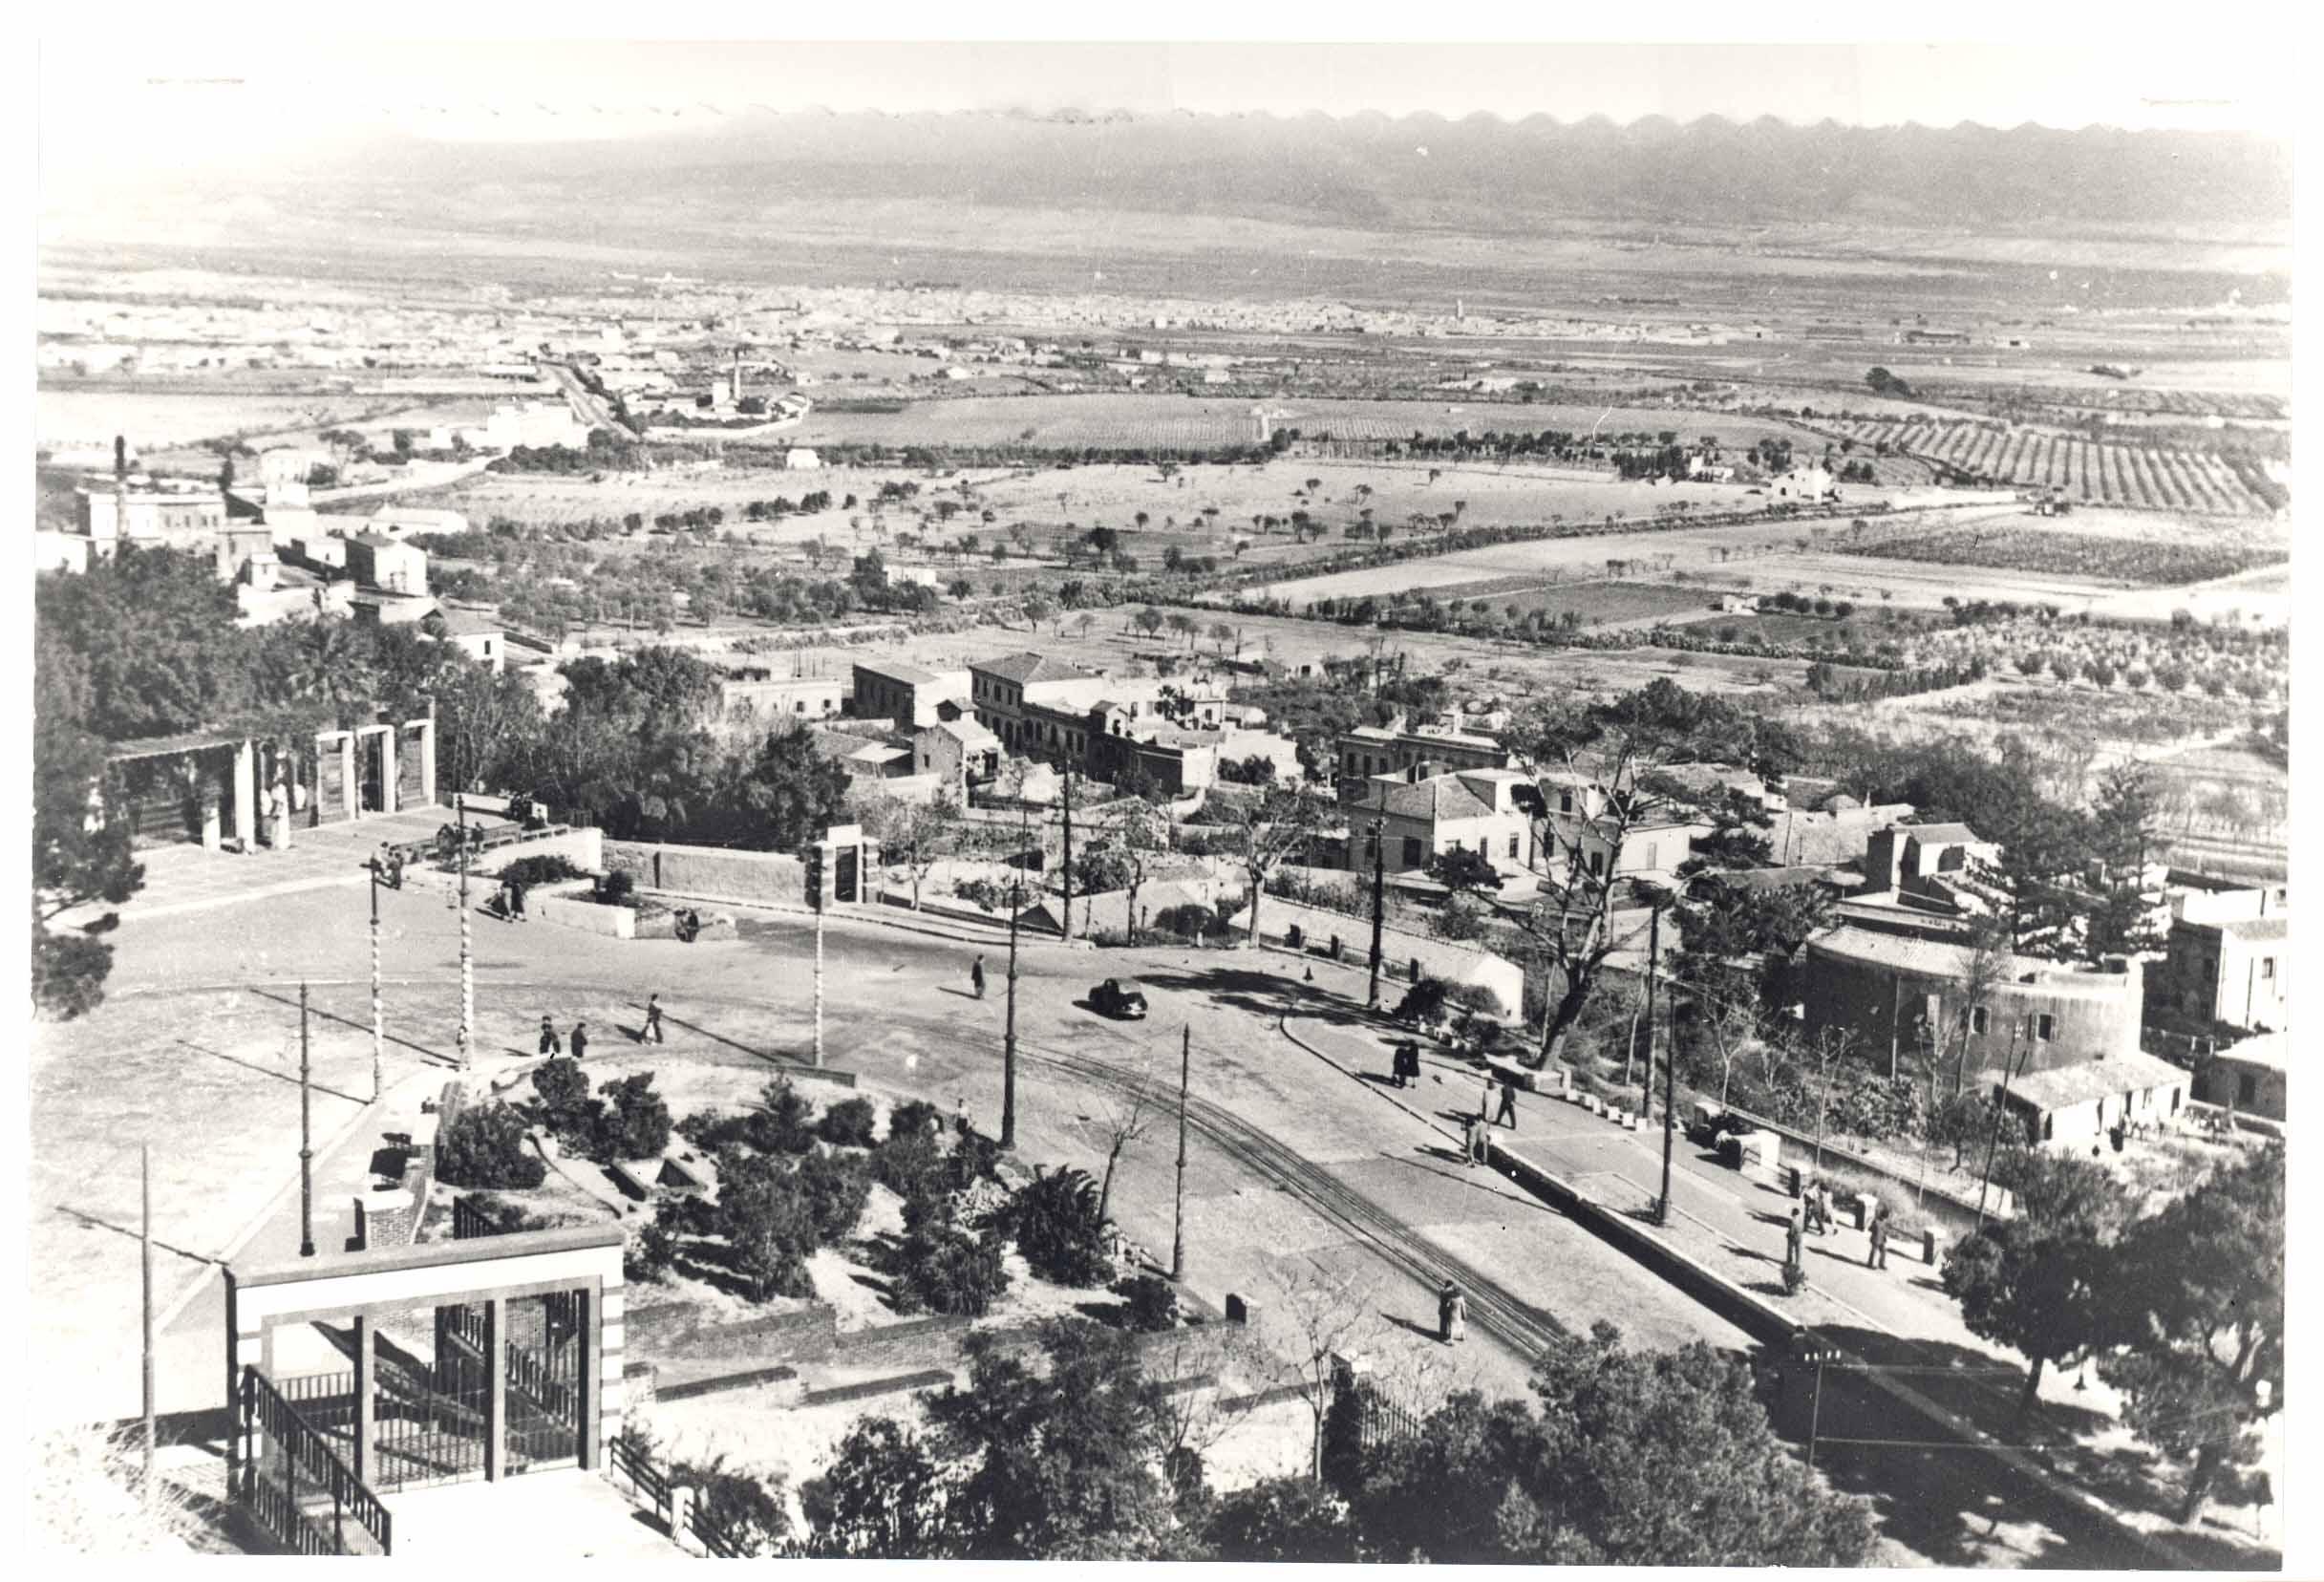 Archivio Comunale - 1950 - Topografia_jpg_foto 0035